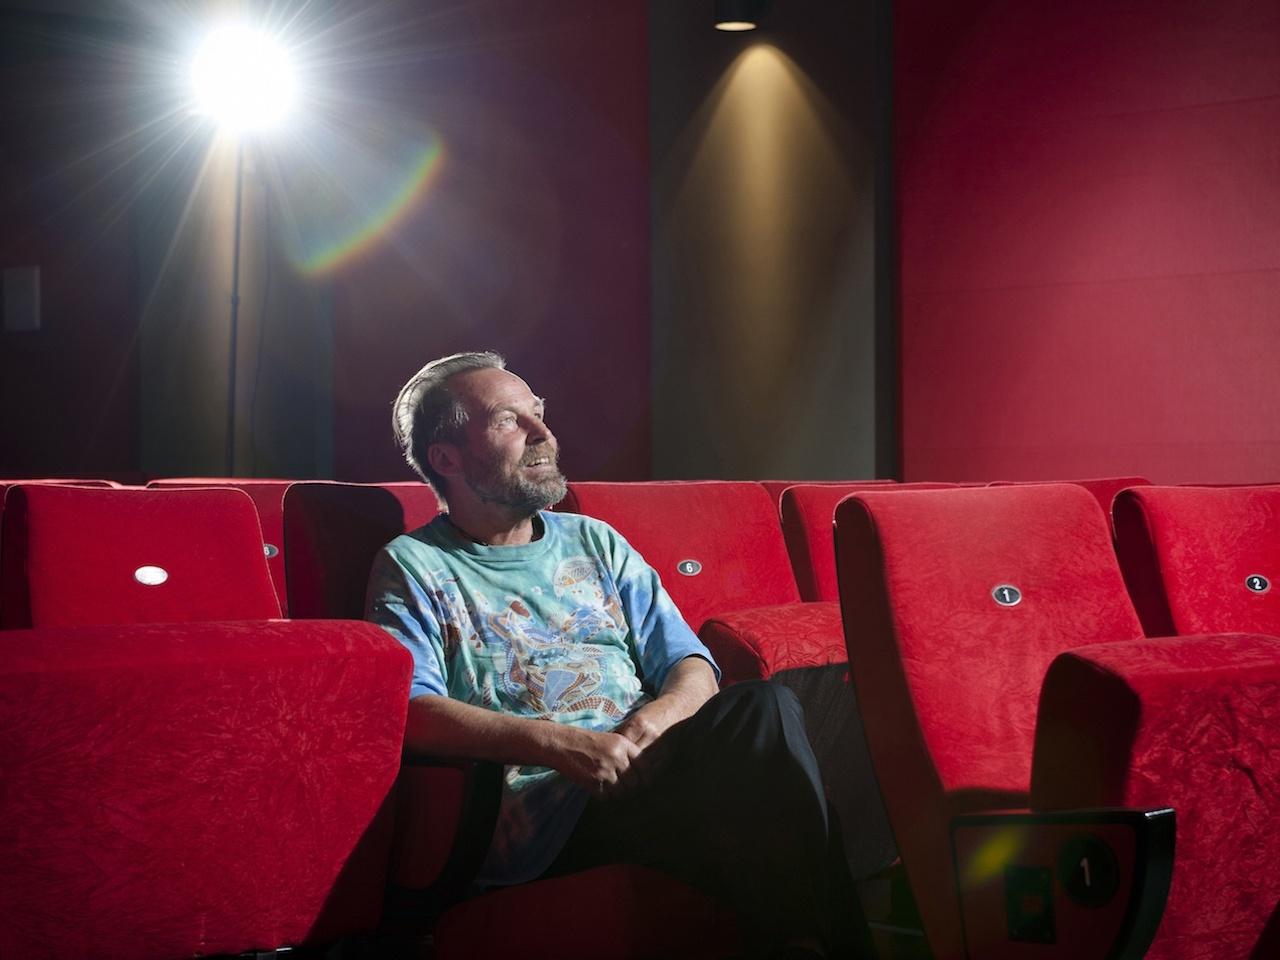 Hans-Peter Jansen, Kinobetreiber im Studio Kino in der Bernstorffstrasse